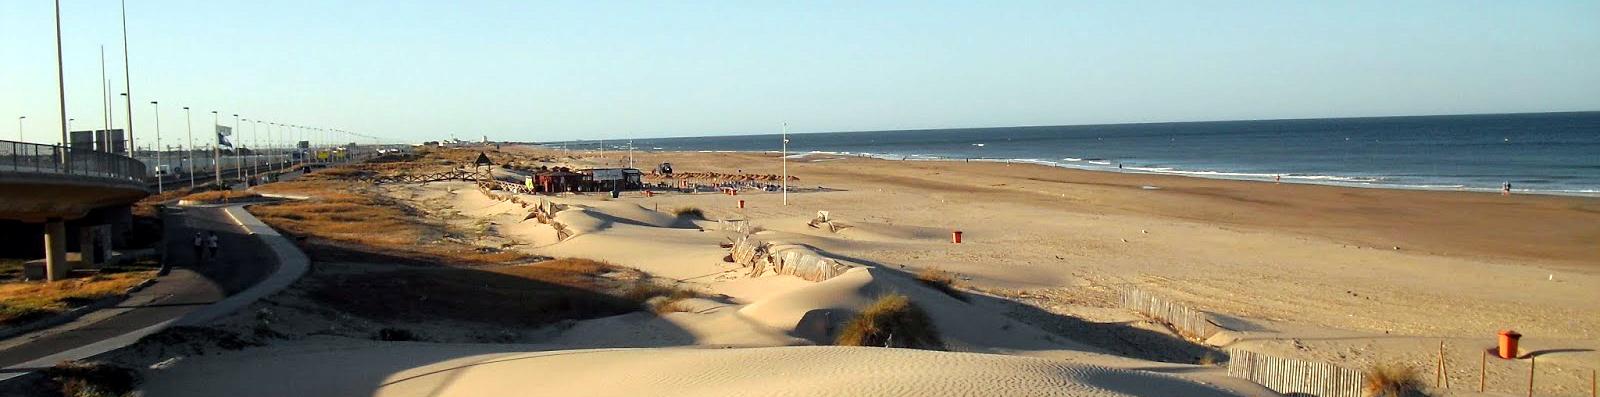 Kitesurf en Cortadura, Cádiz